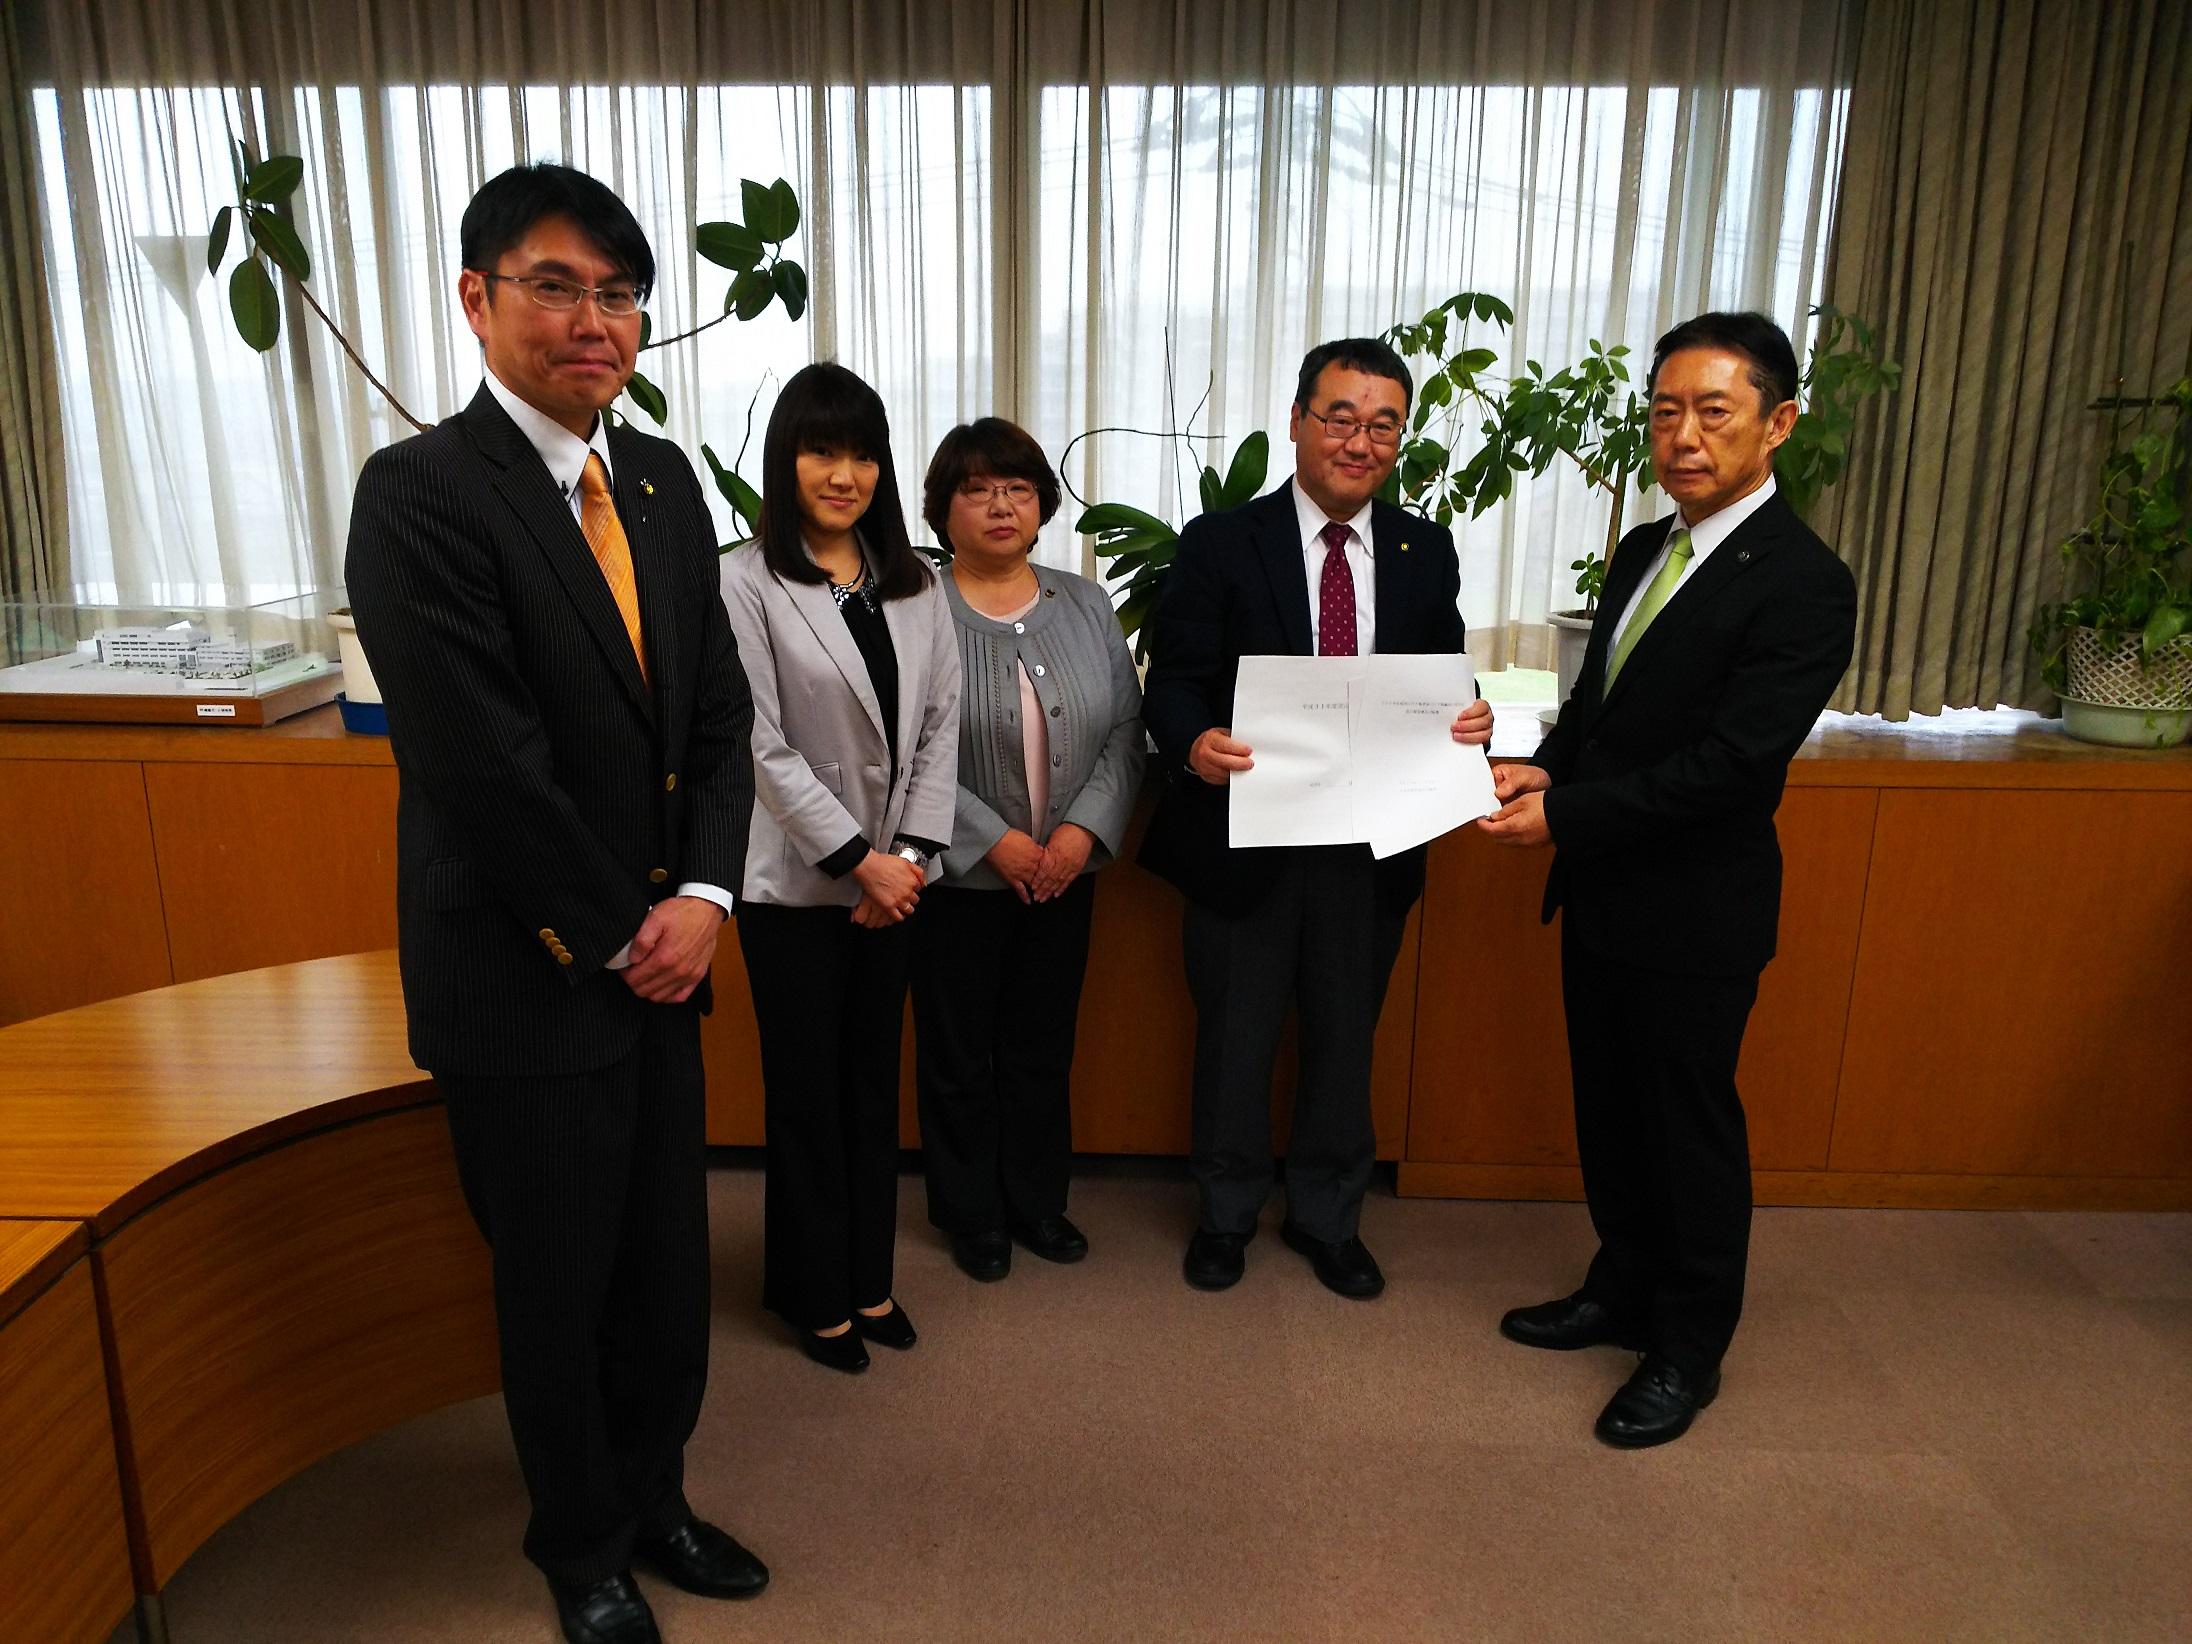 左から、小田桐たかし、植田和子、徳増きよ子、乾紳一郎各市議と井崎市長